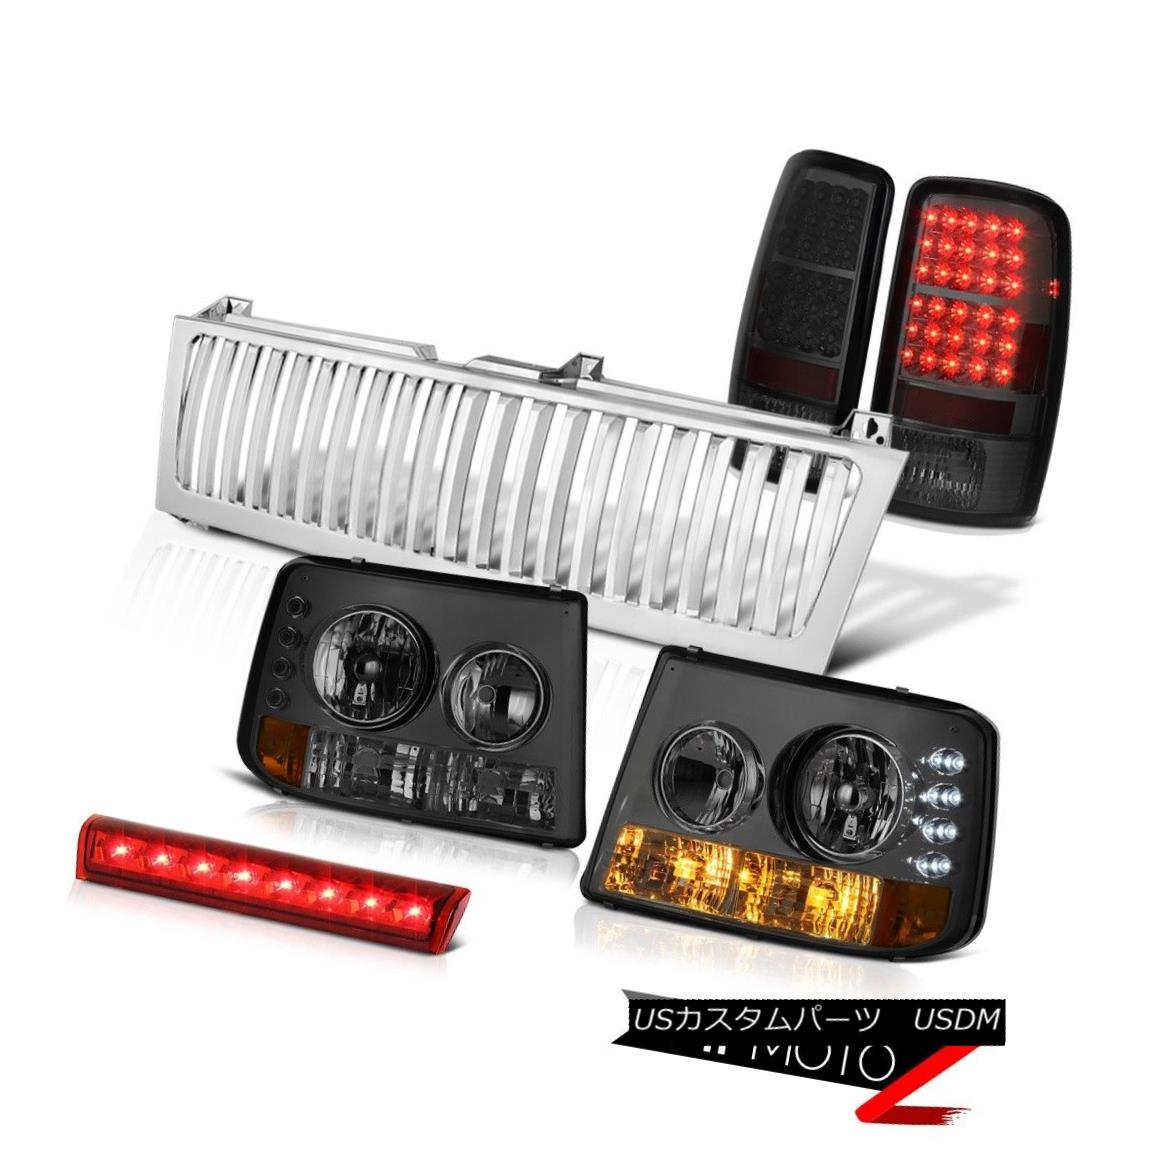 テールライト Tinted Headlight LED Brake Lights High Stop Red Chrome Grille 00-2006 Suburban 着色ヘッドライトLEDブレーキライトハイストップレッドクロームグリル00-2006郊外